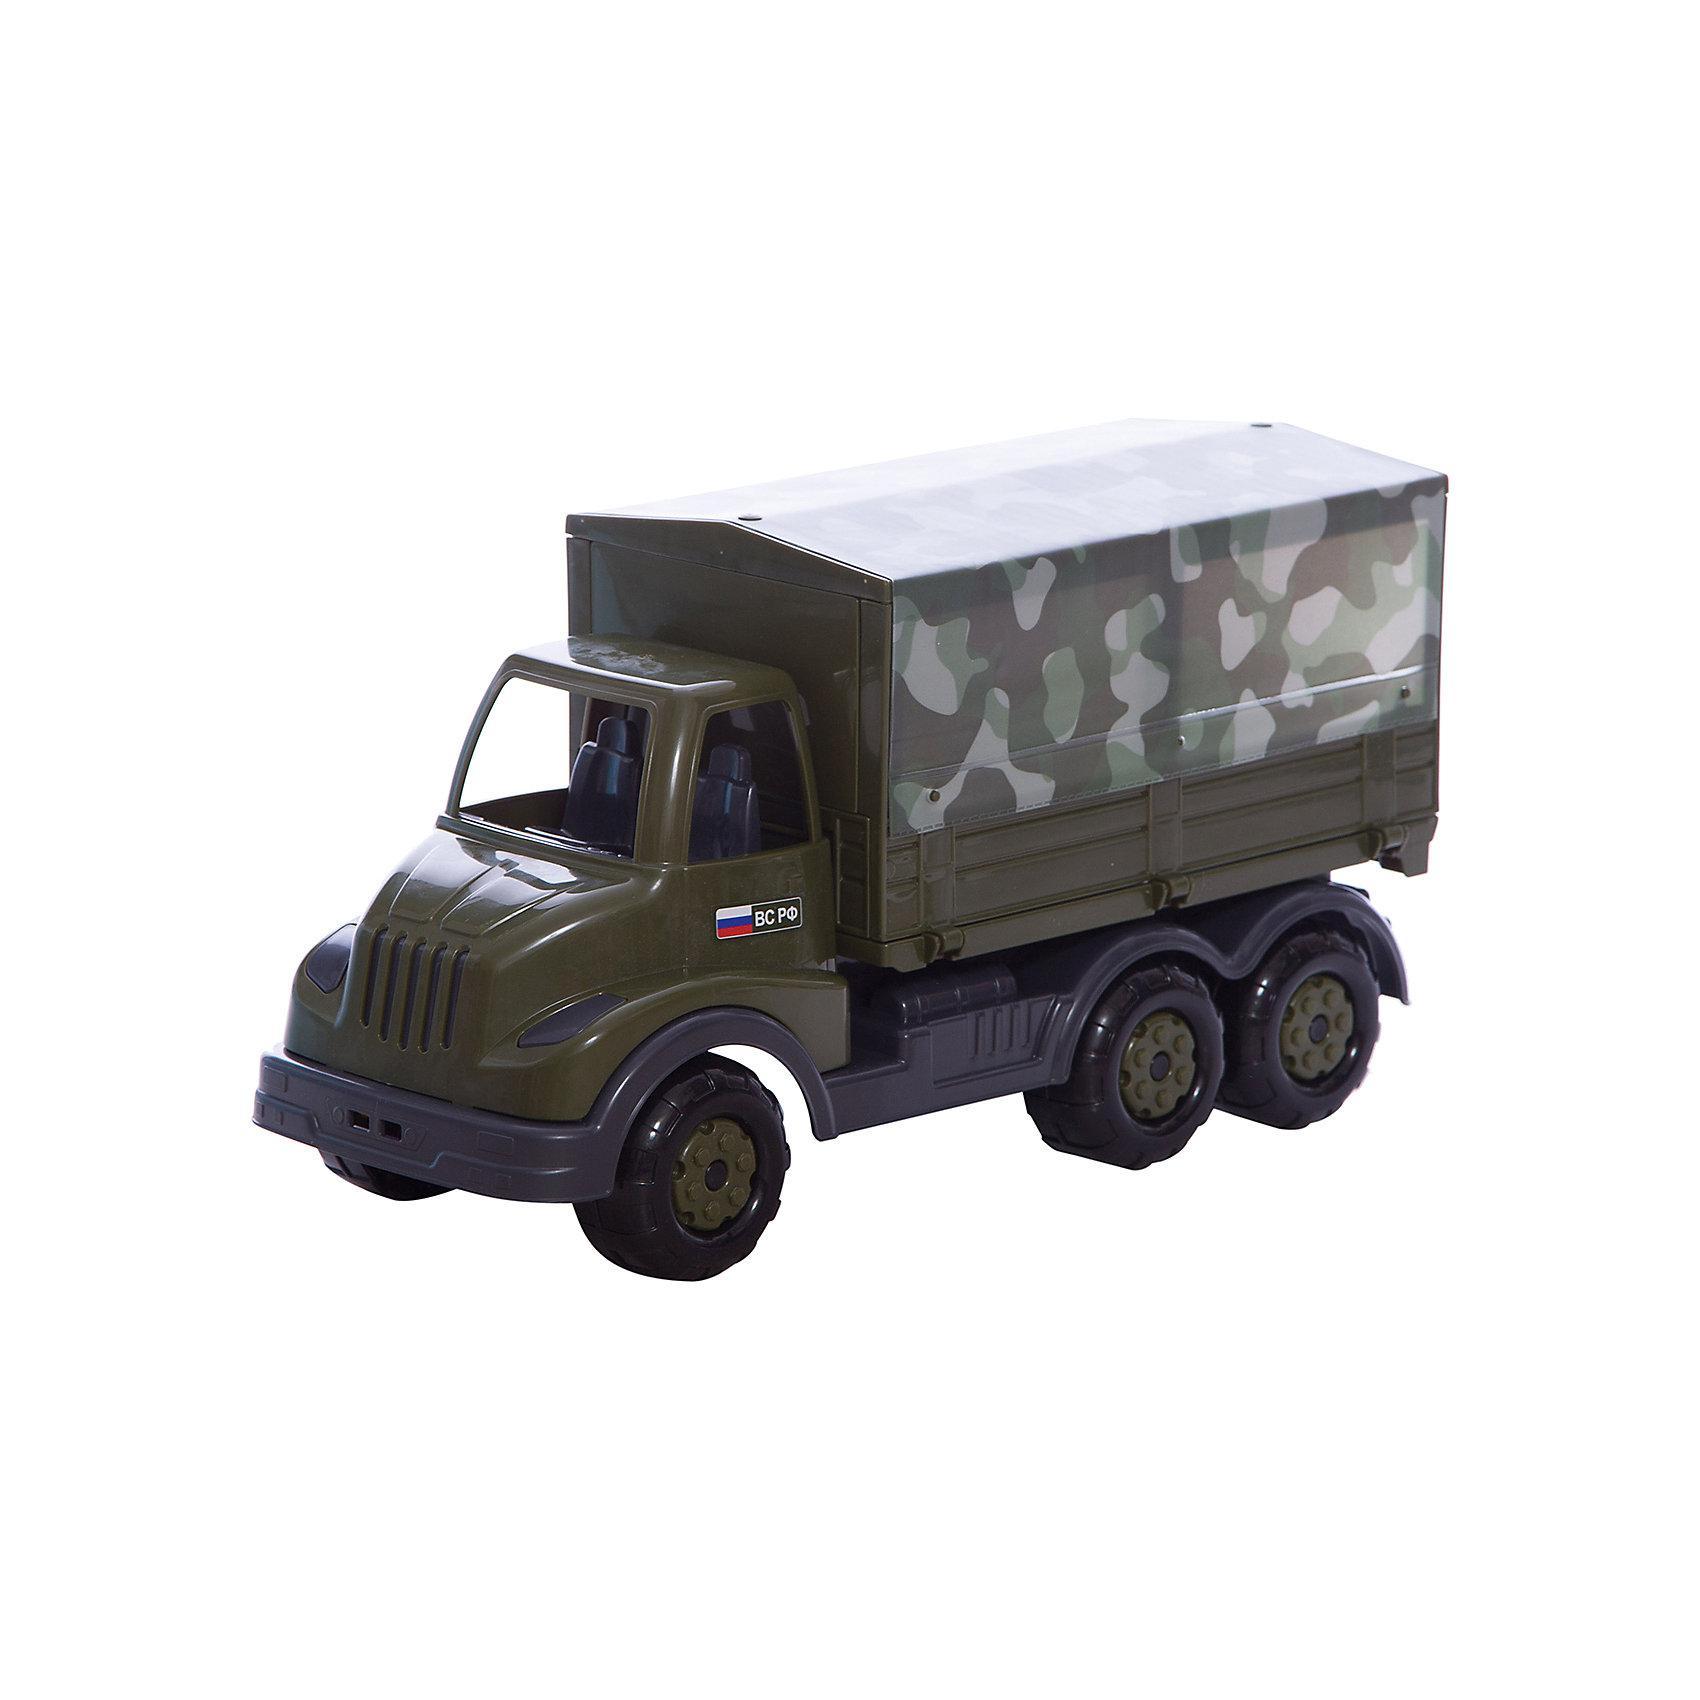 Автомобиль бортовой тентовый военный Муромец, ПолесьеВоенный транспорт<br>Характеристики товара:<br><br>• возраст: от 3 лет<br>• материал: пластик<br>• размер упаковки: 45х45х34 см.<br>• страна бренда: Беларусь.<br><br>Автомобиль военный для игр в песке, на свежем воздухе и в домашних условиях.<br><br>Автомобиль не имеет каких-либо острых углов и режущей кромки.<br><br>Автомобиль бортовой тентовый военный Муромец, Полесье можно купить в нашем интернет-магазине.<br><br>Ширина мм: 420<br>Глубина мм: 165<br>Высота мм: 225<br>Вес г: 780<br>Возраст от месяцев: 36<br>Возраст до месяцев: 2147483647<br>Пол: Мужской<br>Возраст: Детский<br>SKU: 6760752